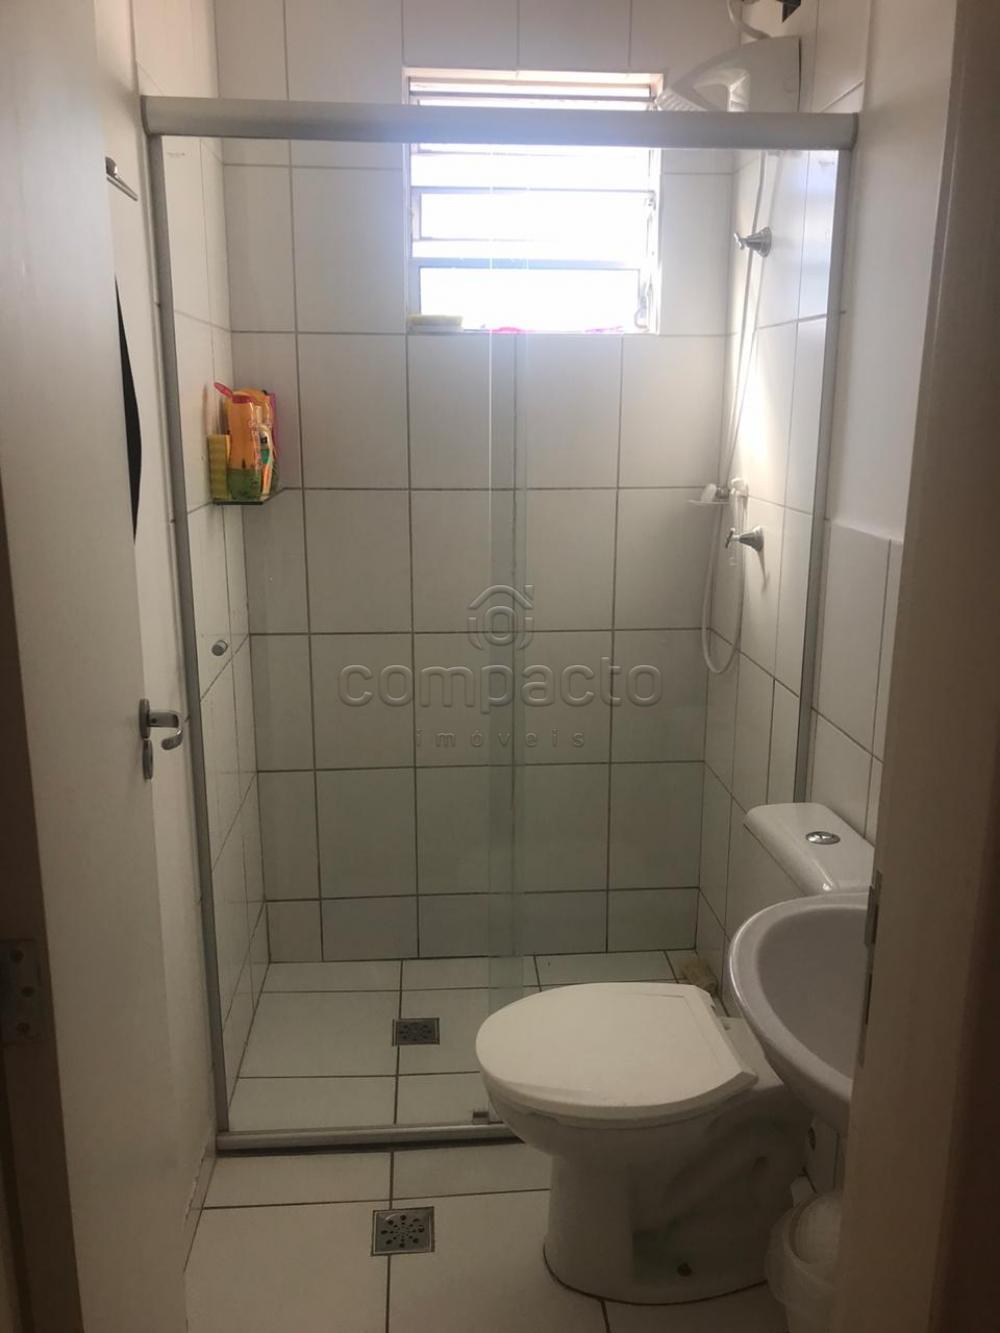 Comprar Apartamento / Padrão em São José do Rio Preto apenas R$ 155.000,00 - Foto 9